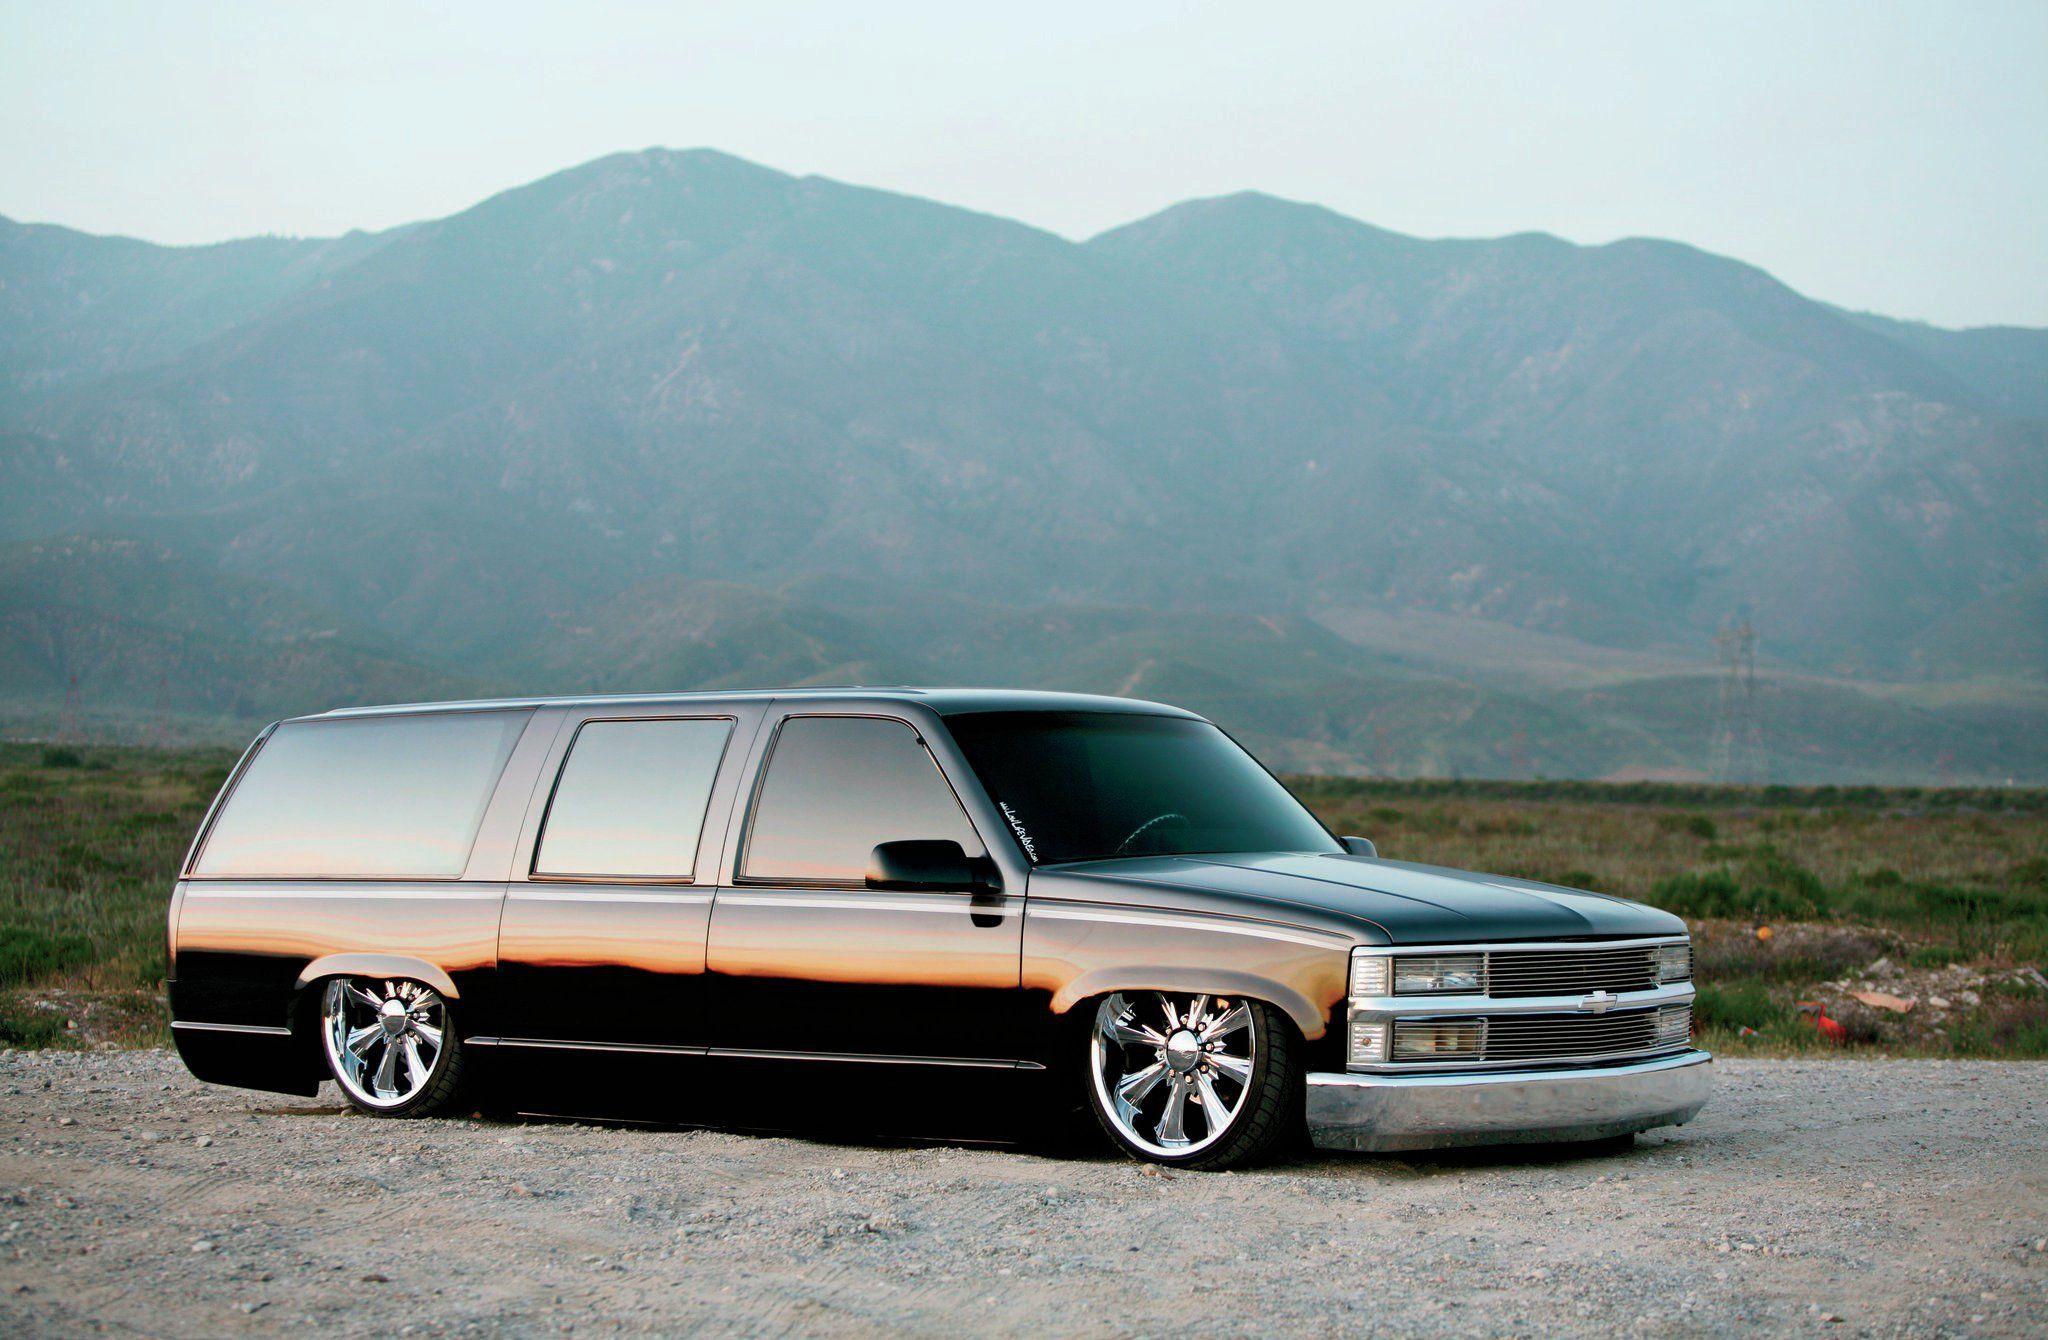 1993 Chevy Suburban Smooth Burban Chevy Suburban Chevy Suv